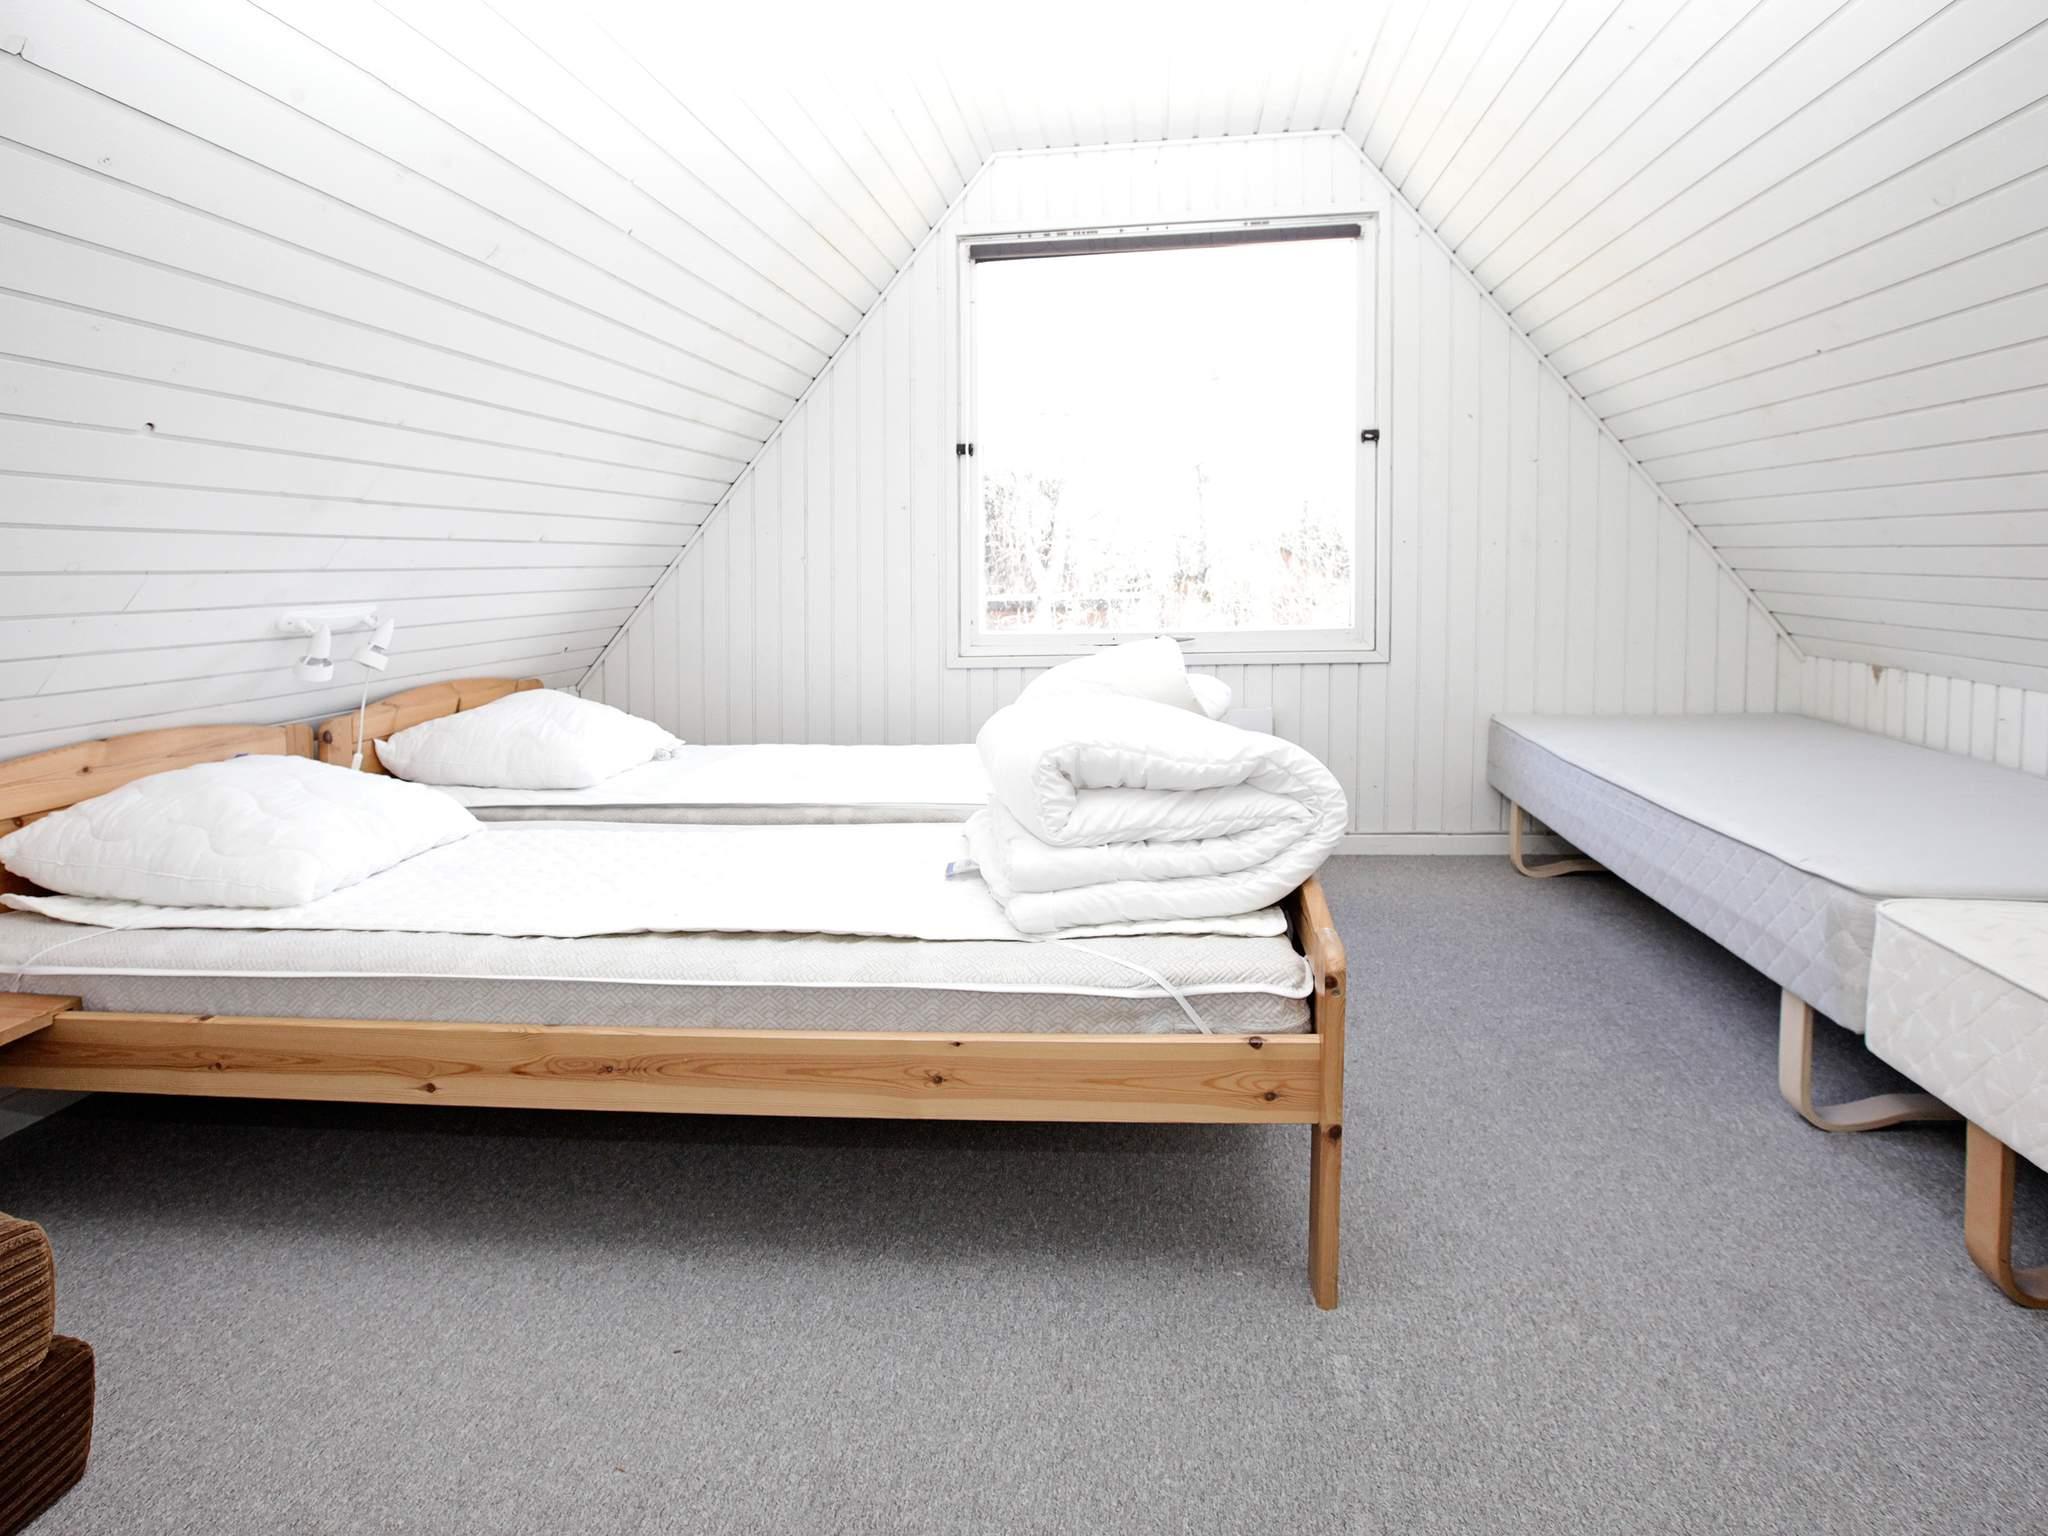 Ferienhaus Silkeborg (757425), Silkeborg, , Ostjütland, Dänemark, Bild 14